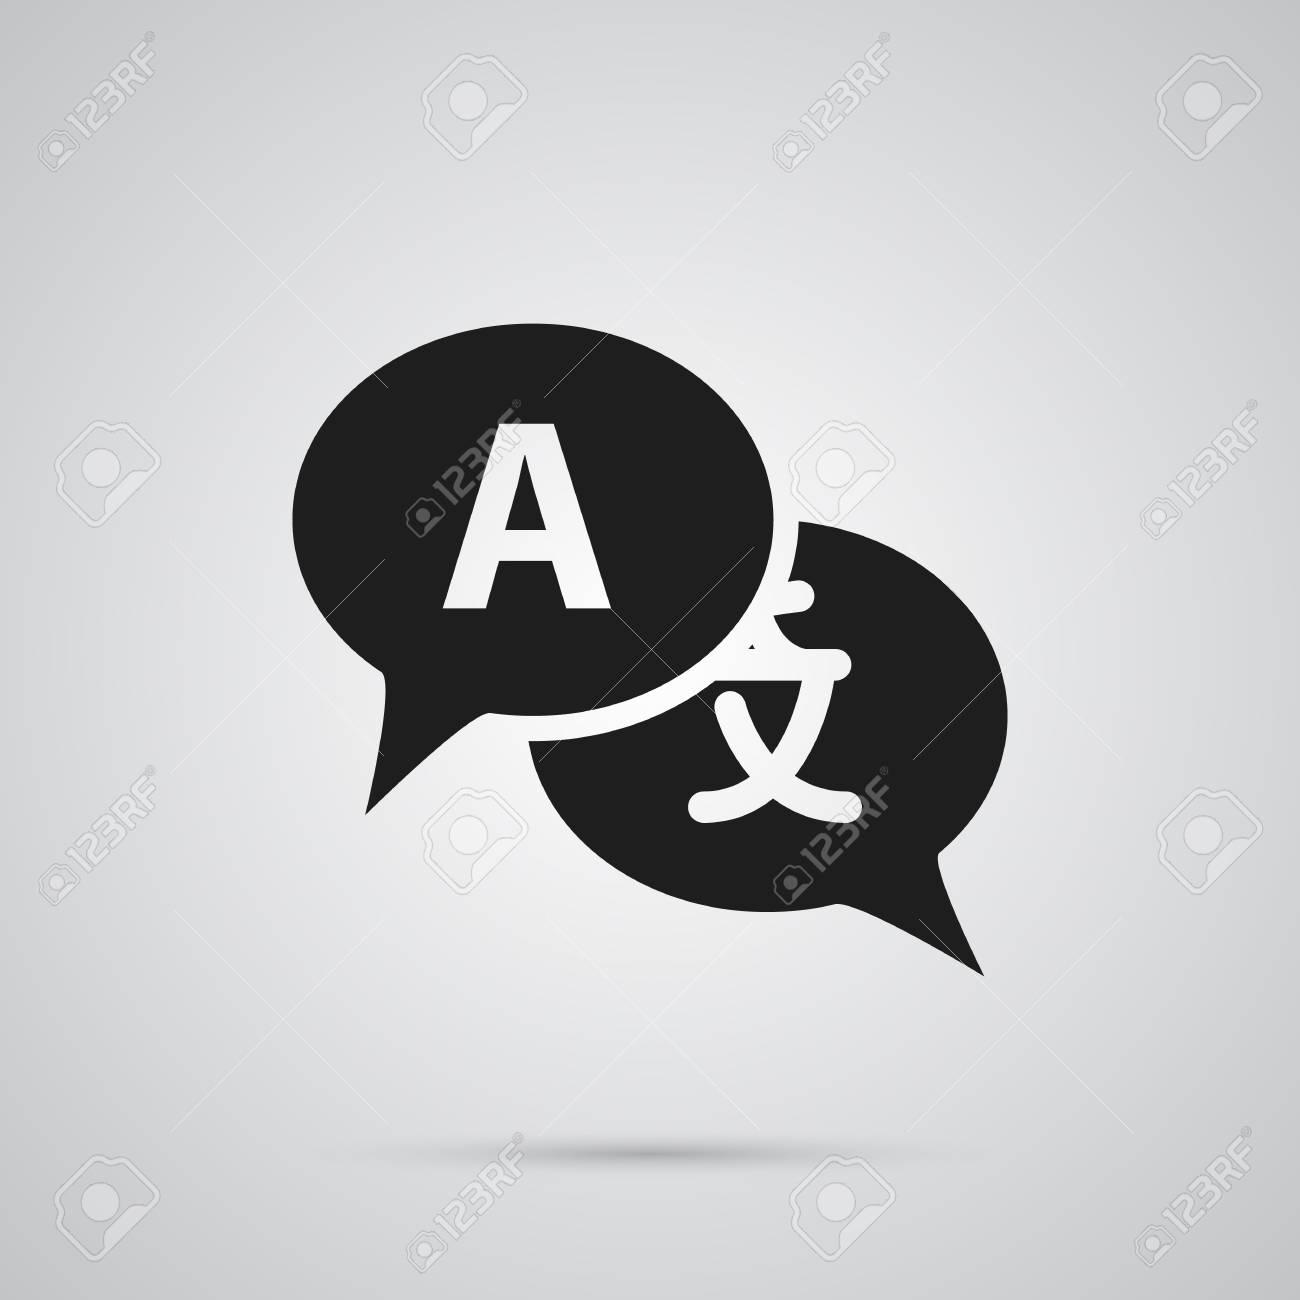 brancher partenaire traduction